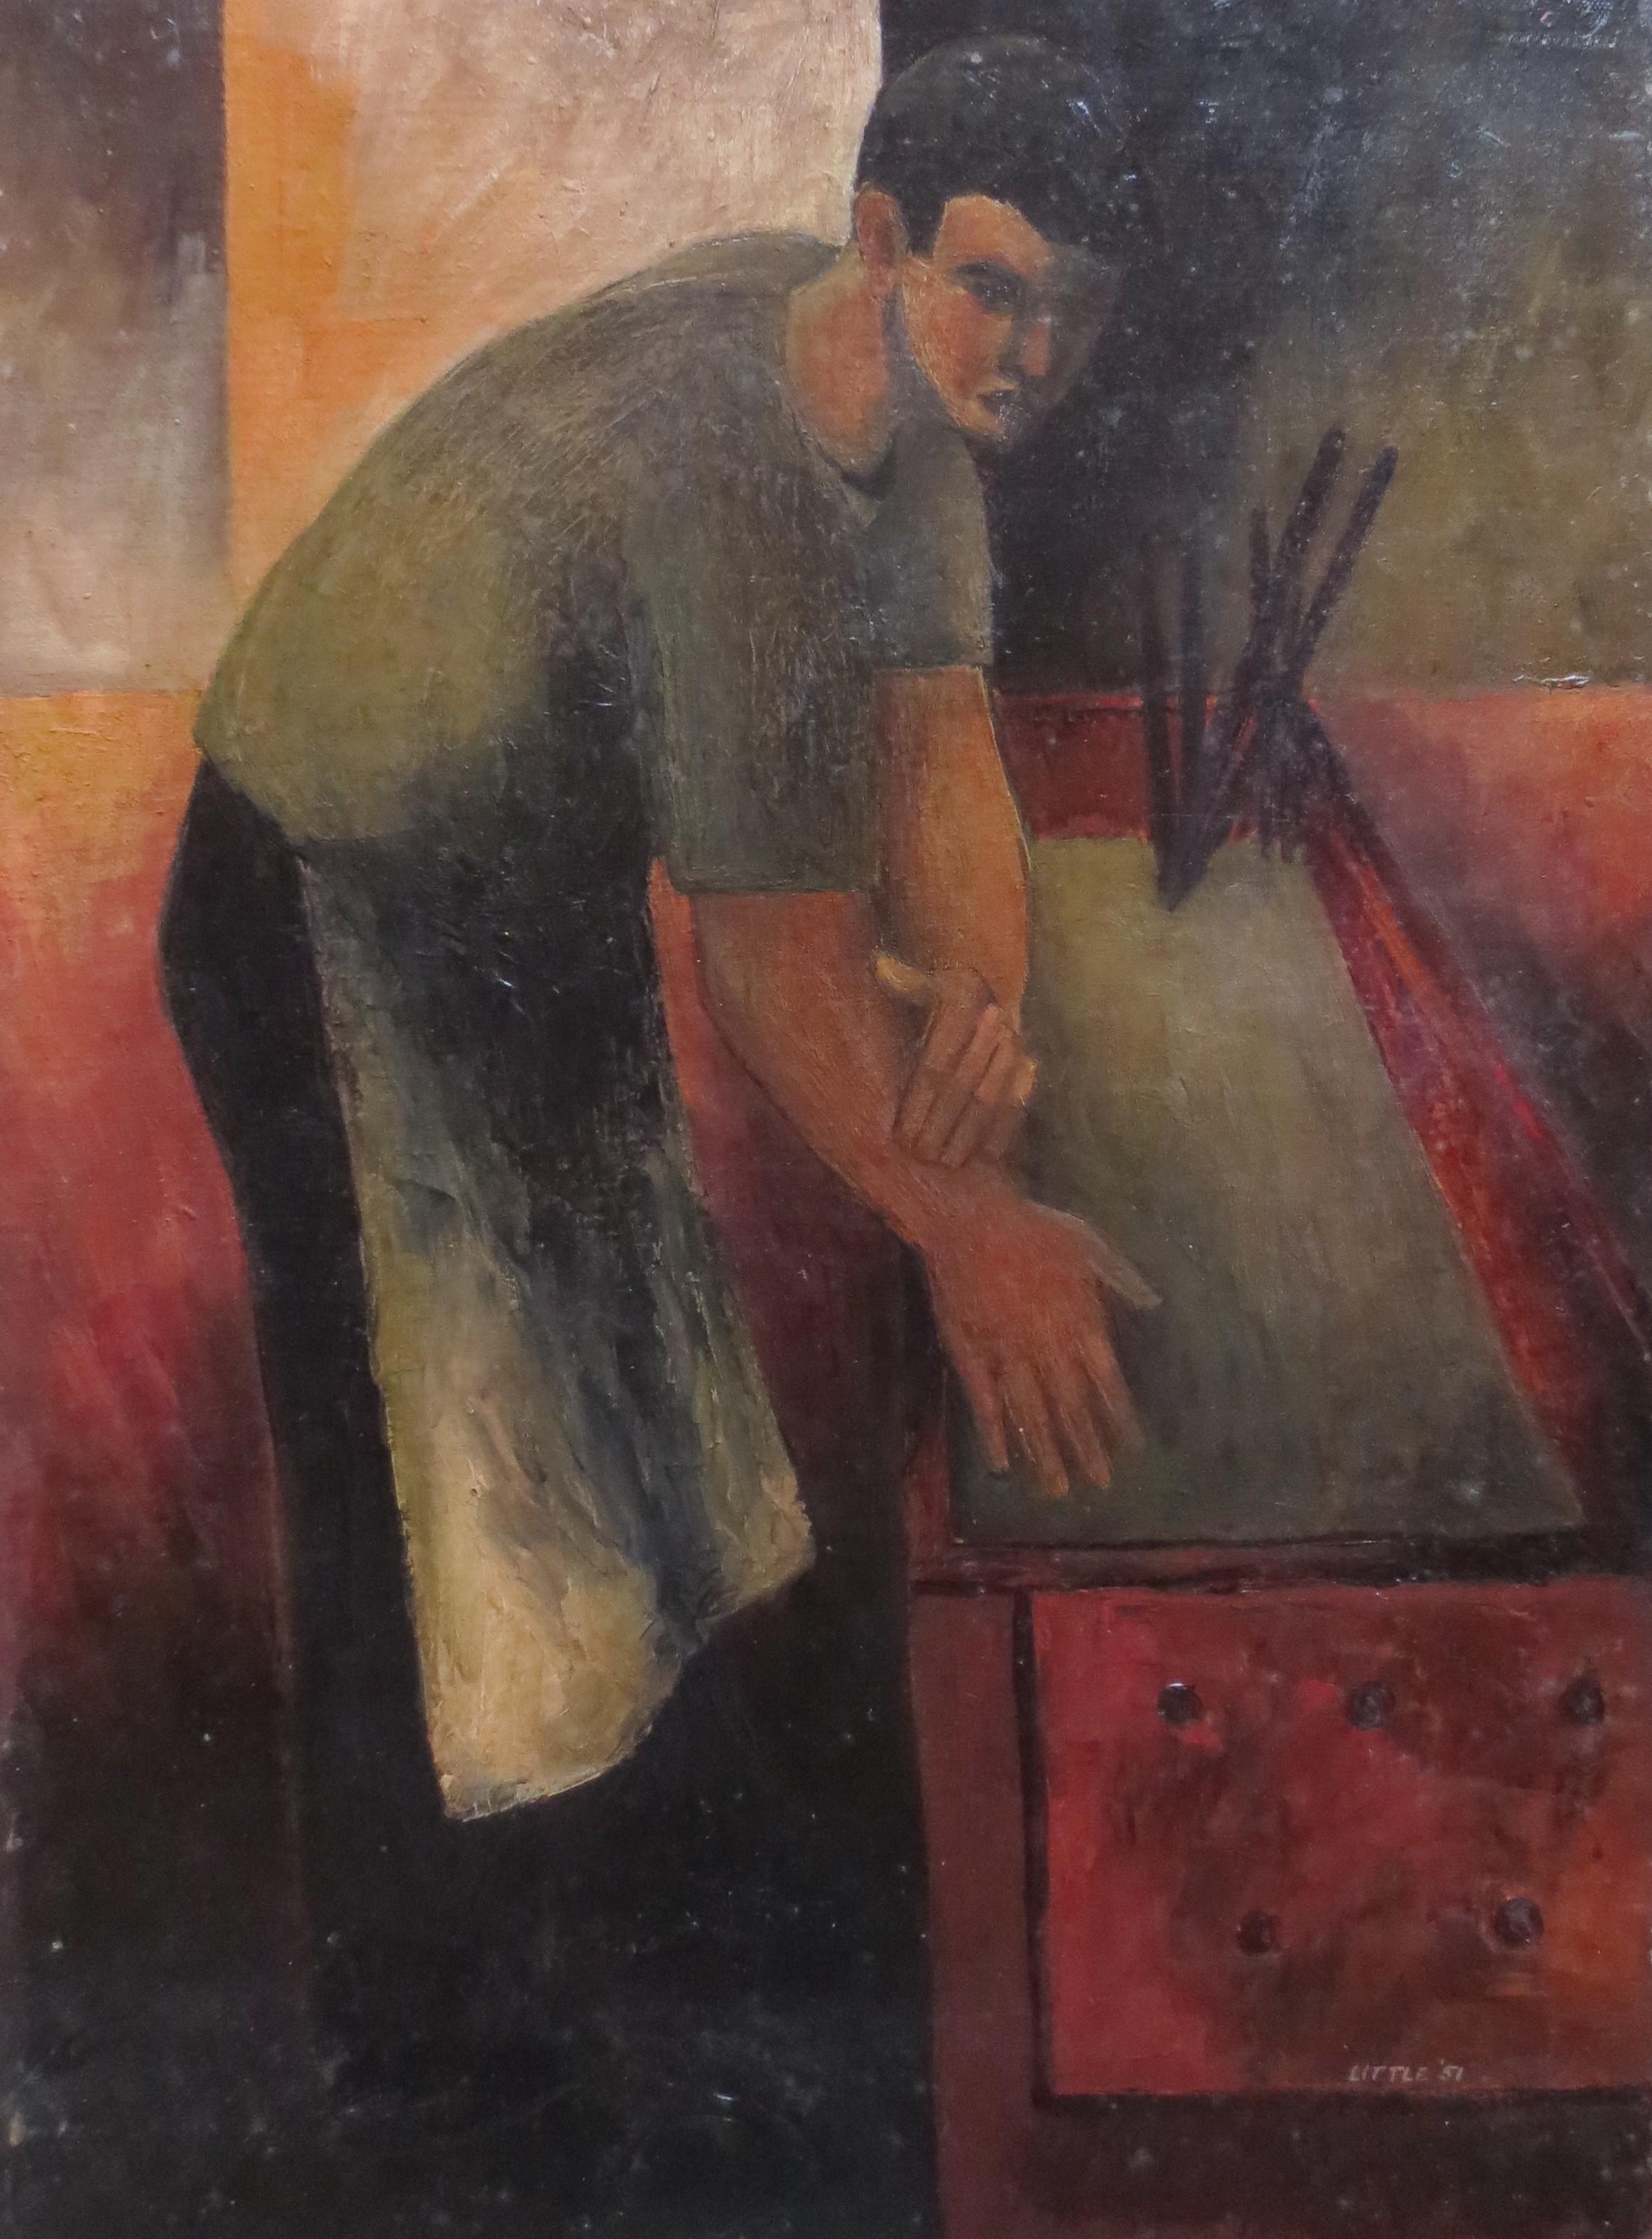 1. Millman Steelworker